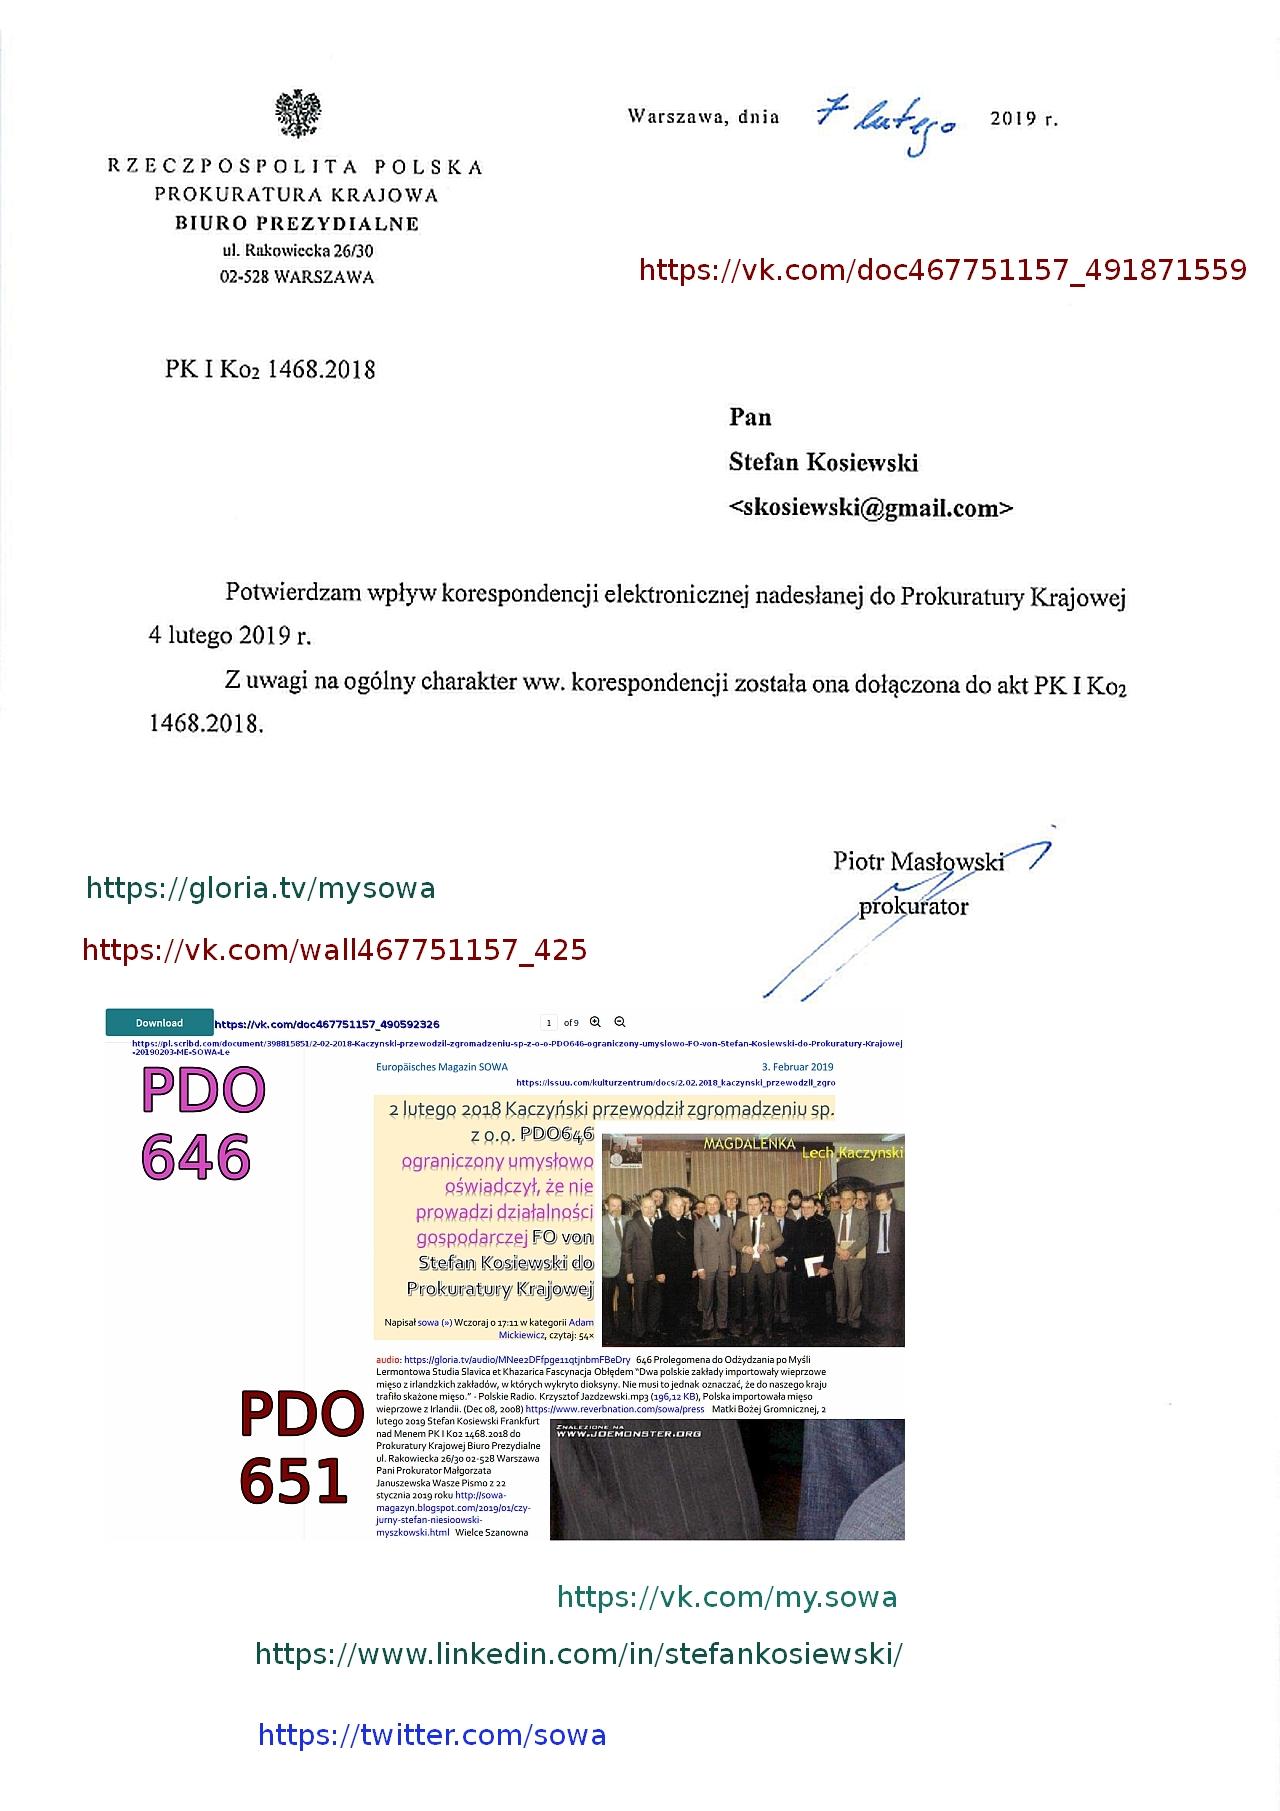 pk.gov.pl_20190211_083322-1 PDO651 PDO646